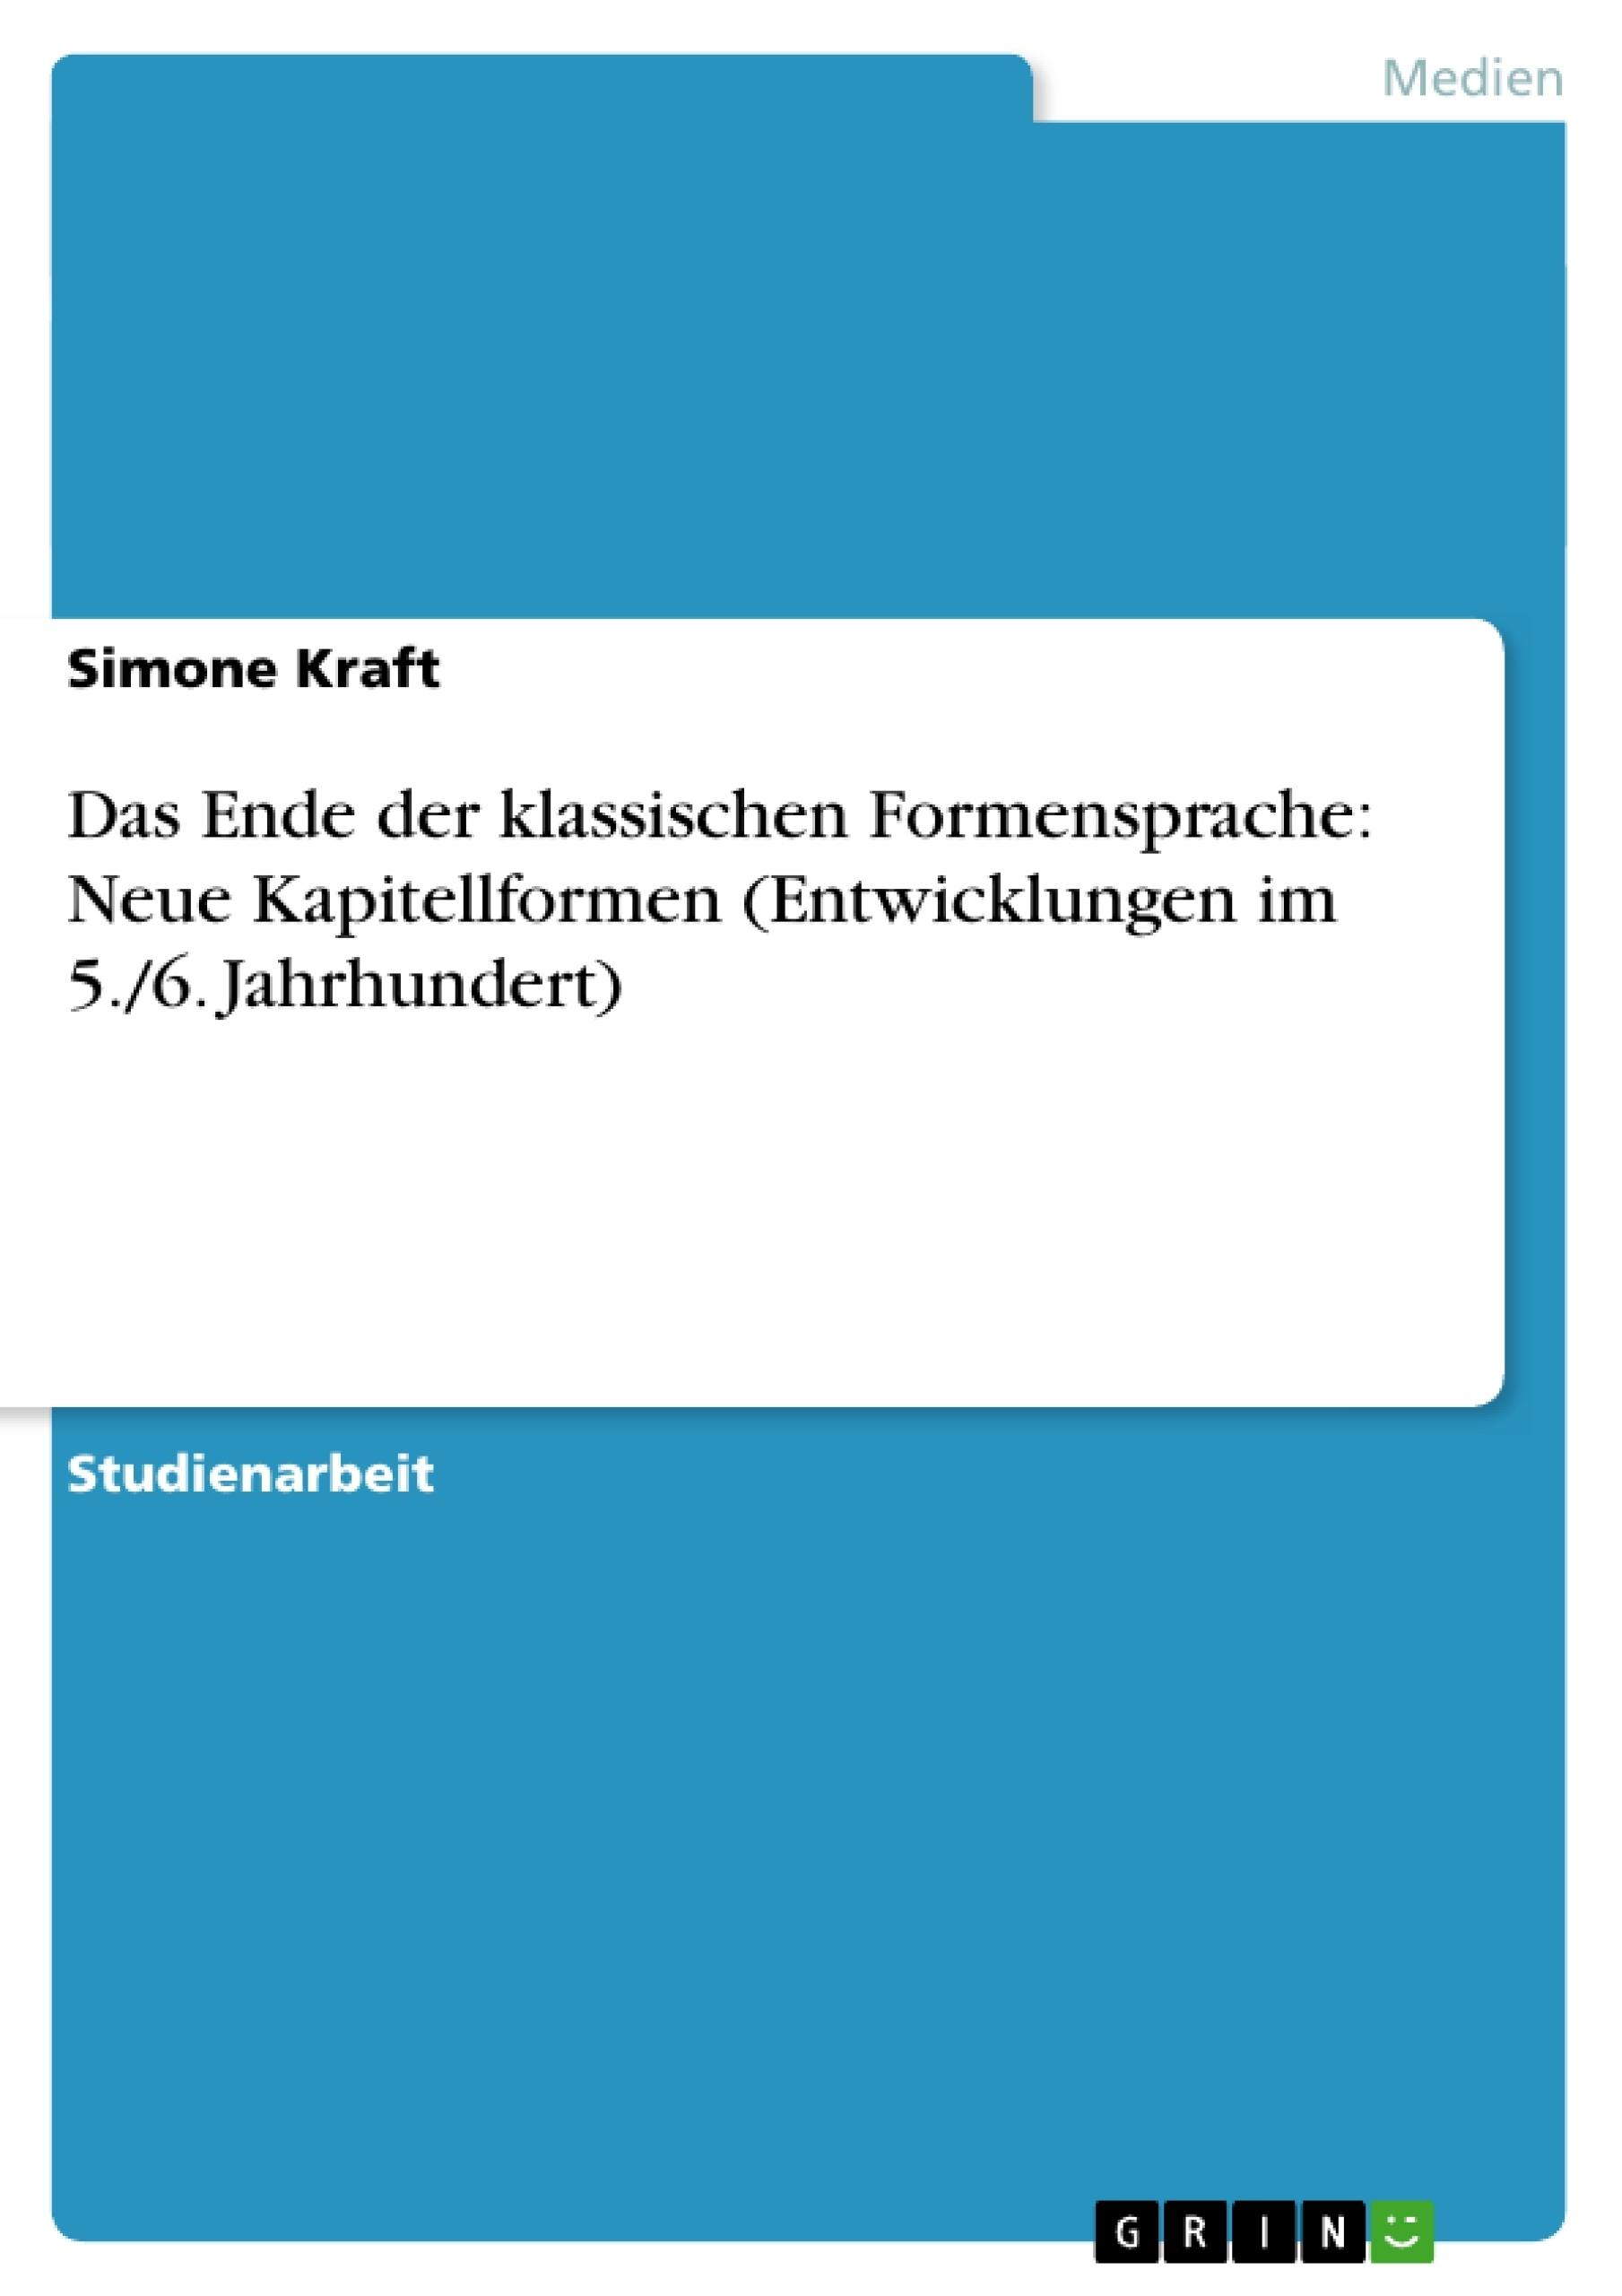 Titel: Das Ende der klassischen Formensprache: Neue Kapitellformen (Entwicklungen im 5./6. Jahrhundert)